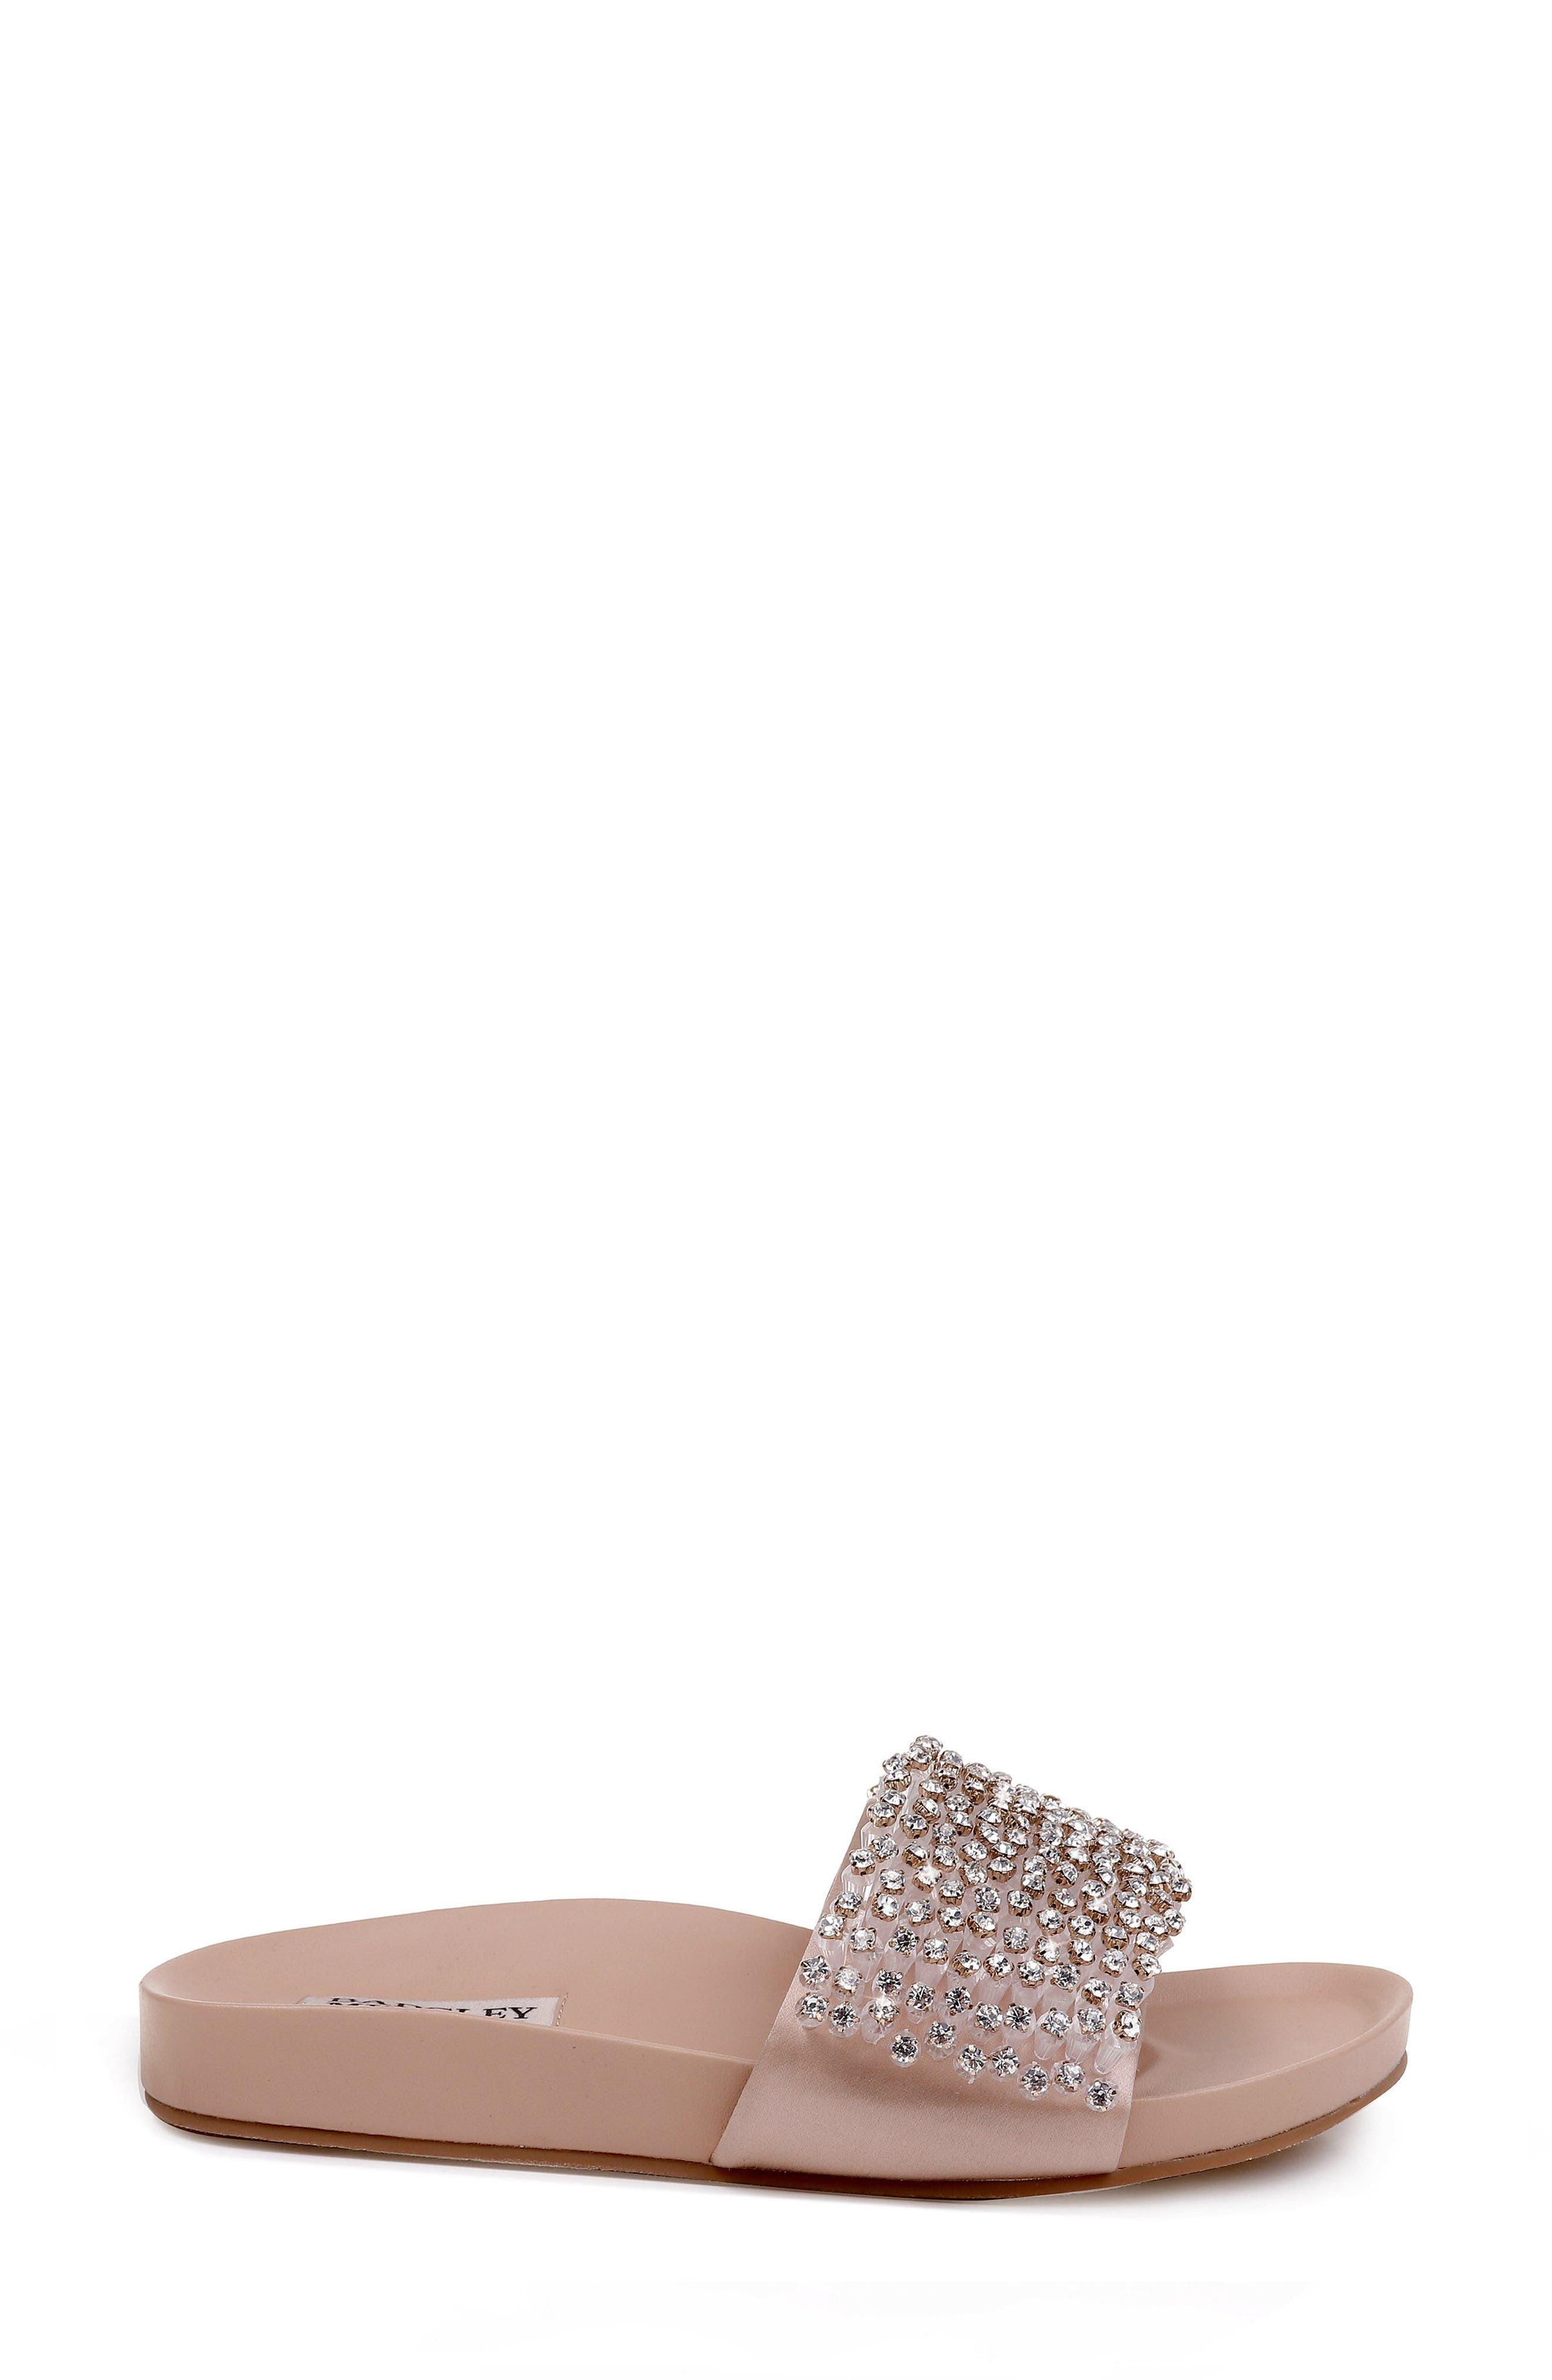 Horton Crystal Embellished Sandal,                             Alternate thumbnail 10, color,